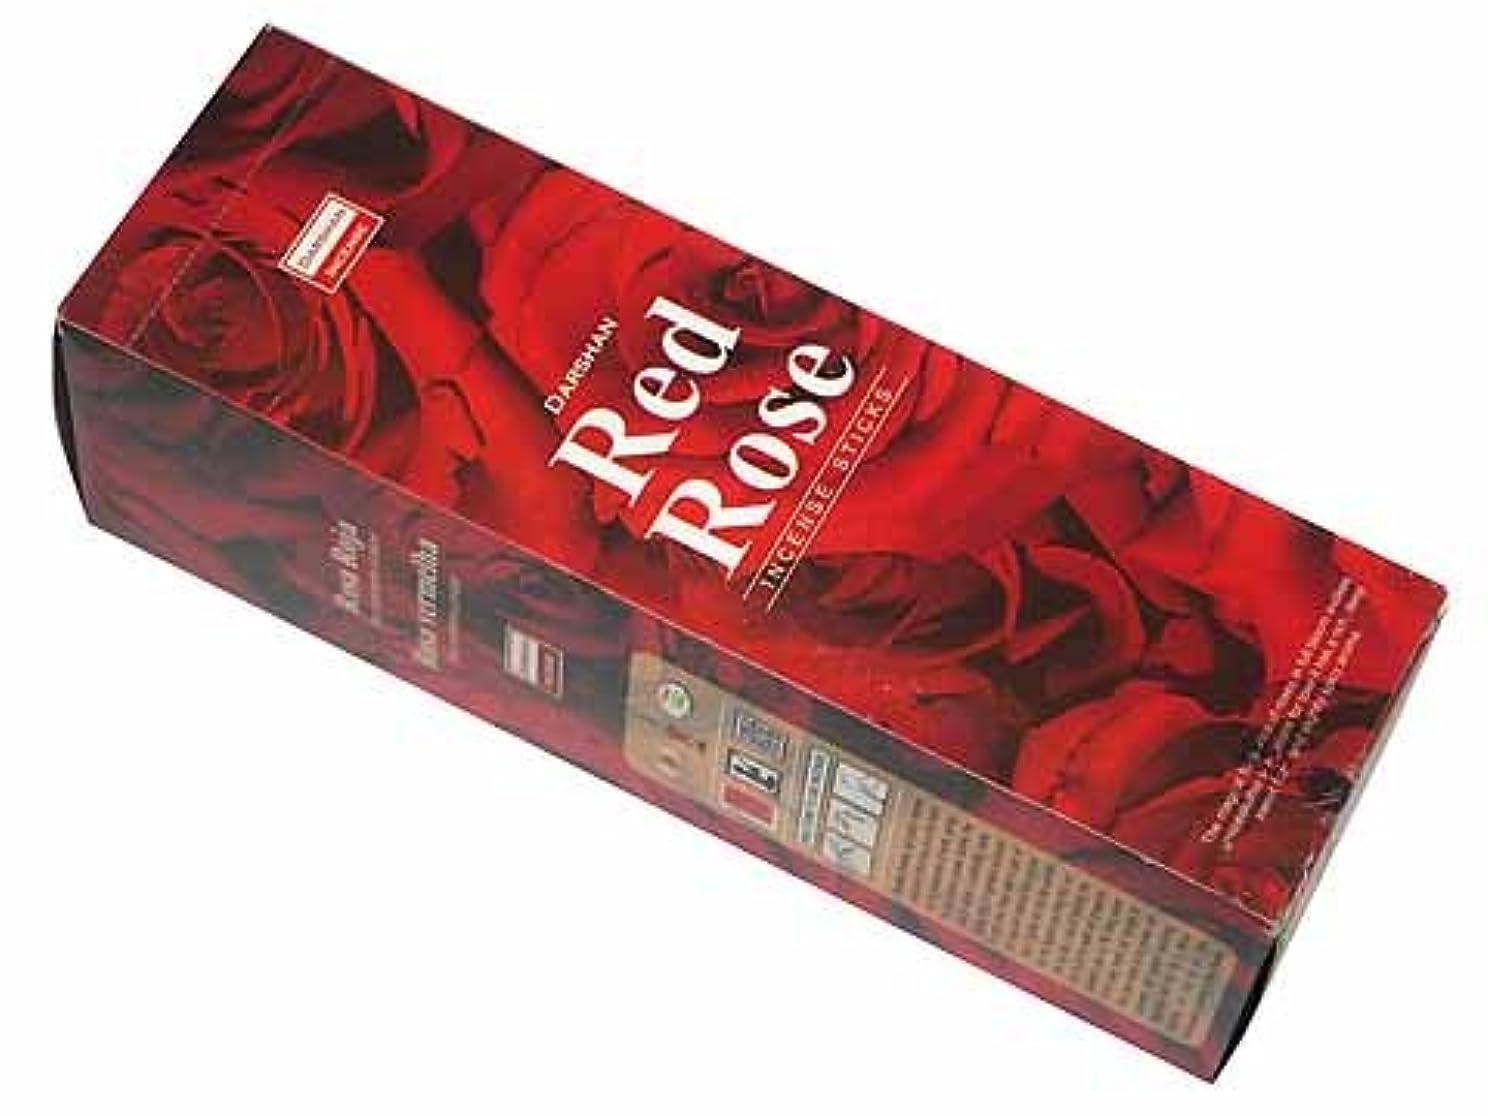 定数正しいキュービックDARSHAN(ダルシャン) レッドローズ香 スクエアパック スティック RED ROSE 25箱セット